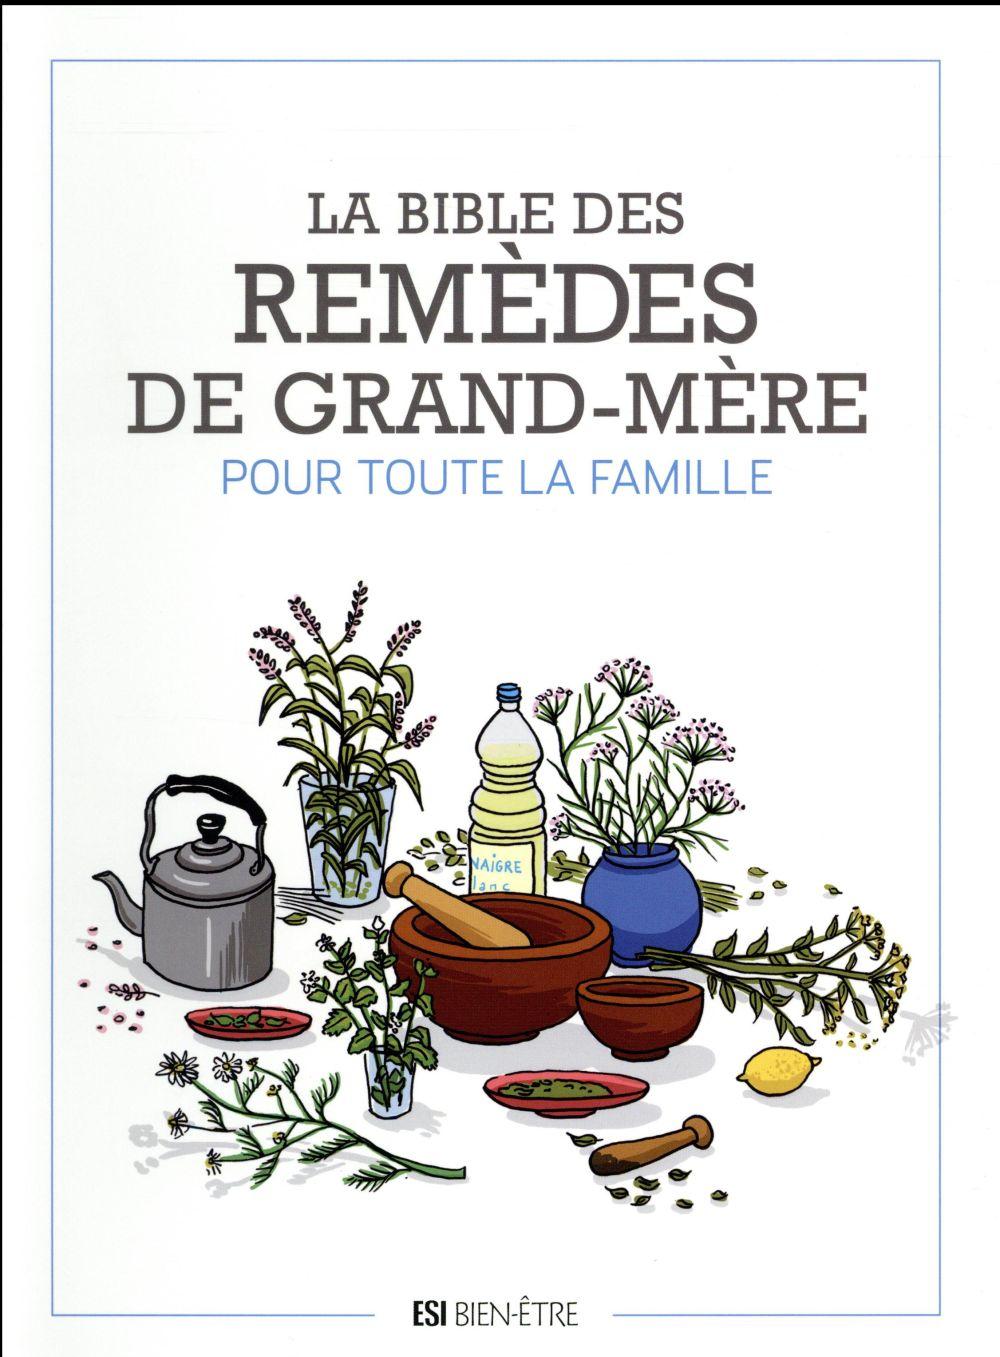 BIBLE DES REMEDES DE GRAND-MERE POUR TOUTE LA FAMILLE (LA)